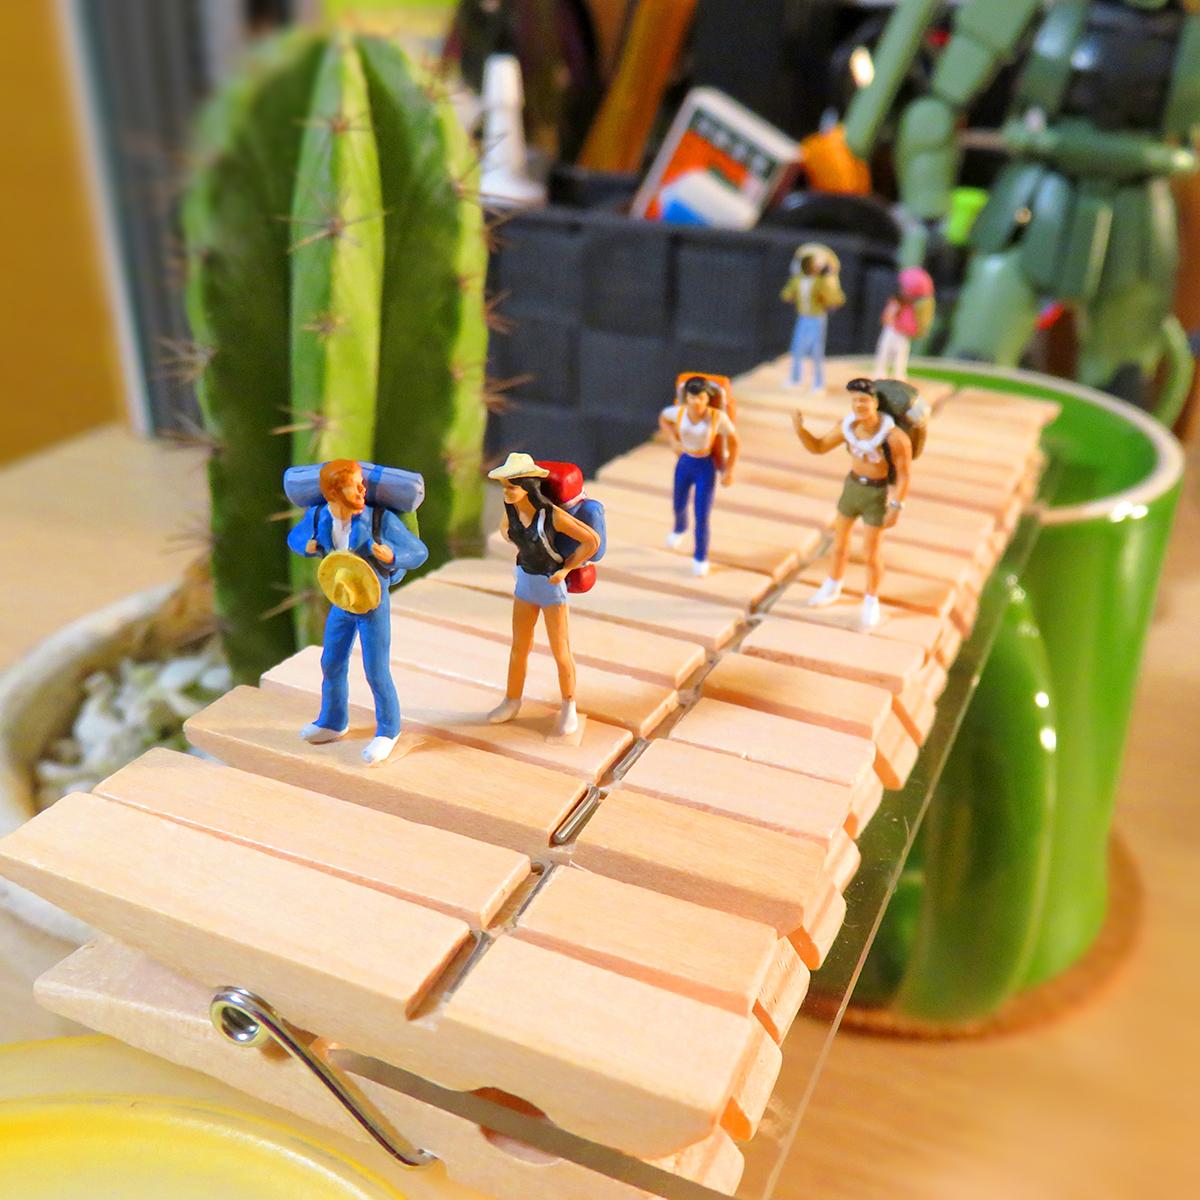 木製ピンチ吊り橋を渡る旅人たち